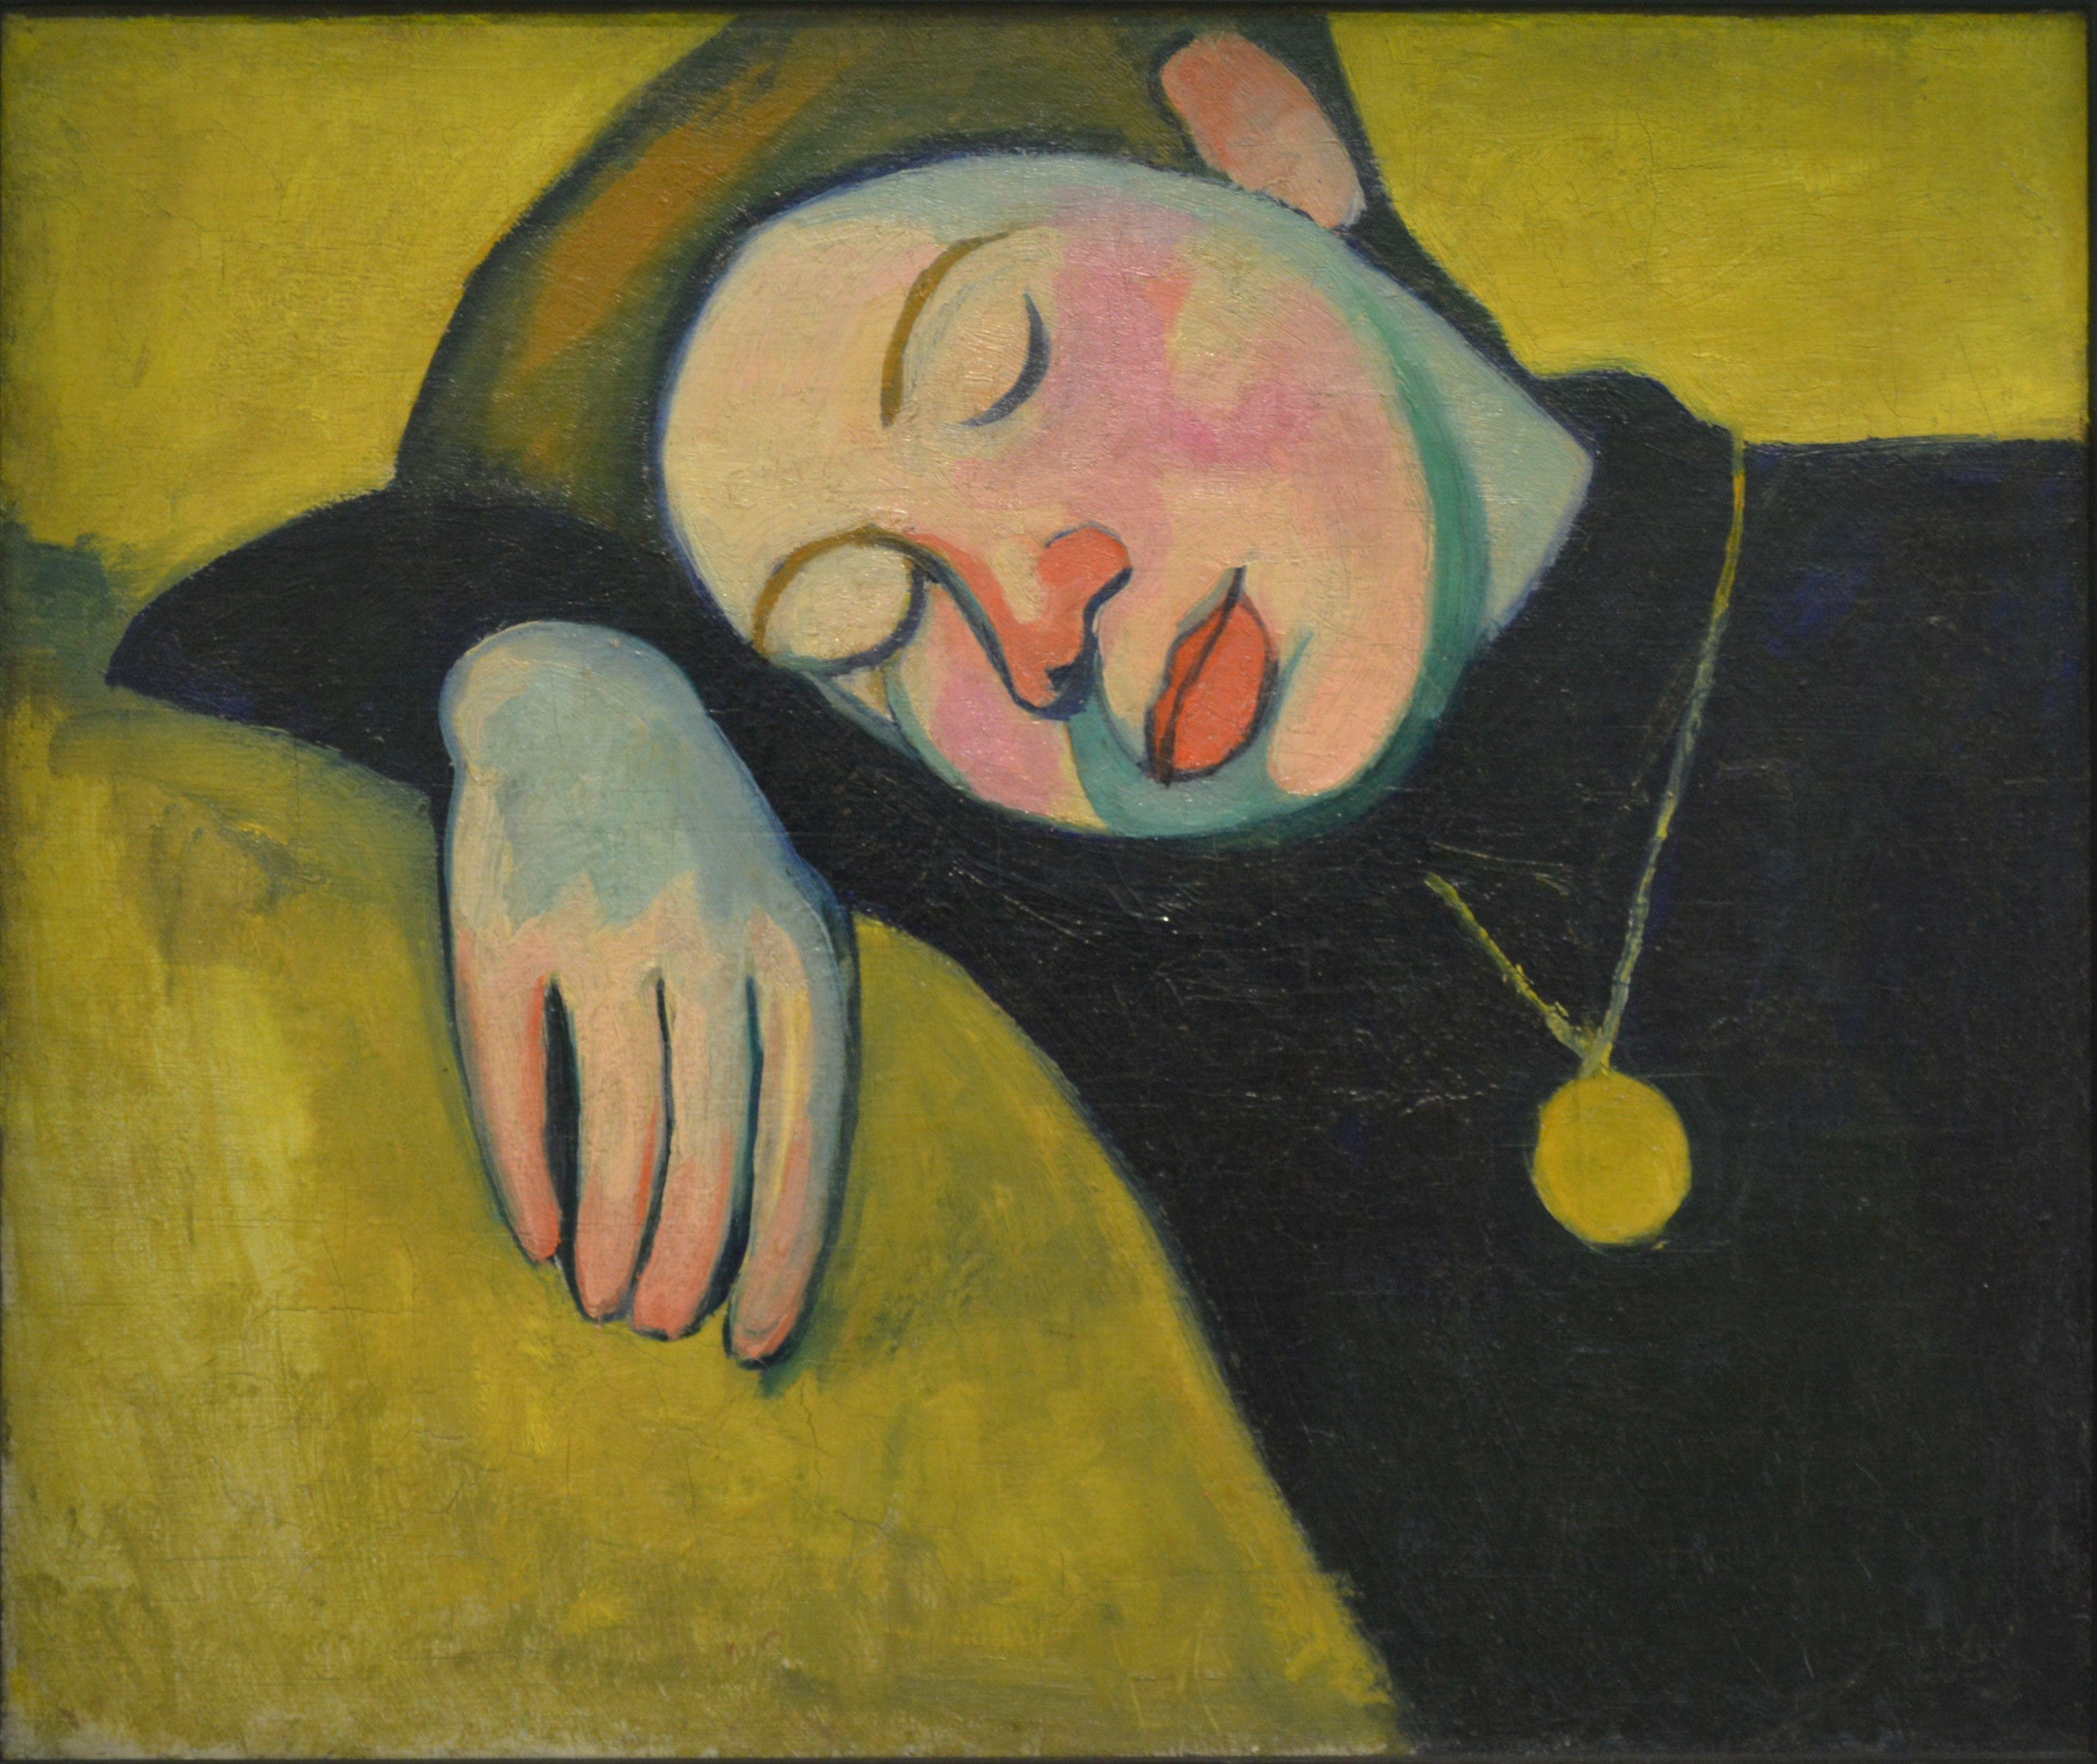 Sonia Delaunay - Jeune fille endormie - Huile sur toile 46/55cm - 1907